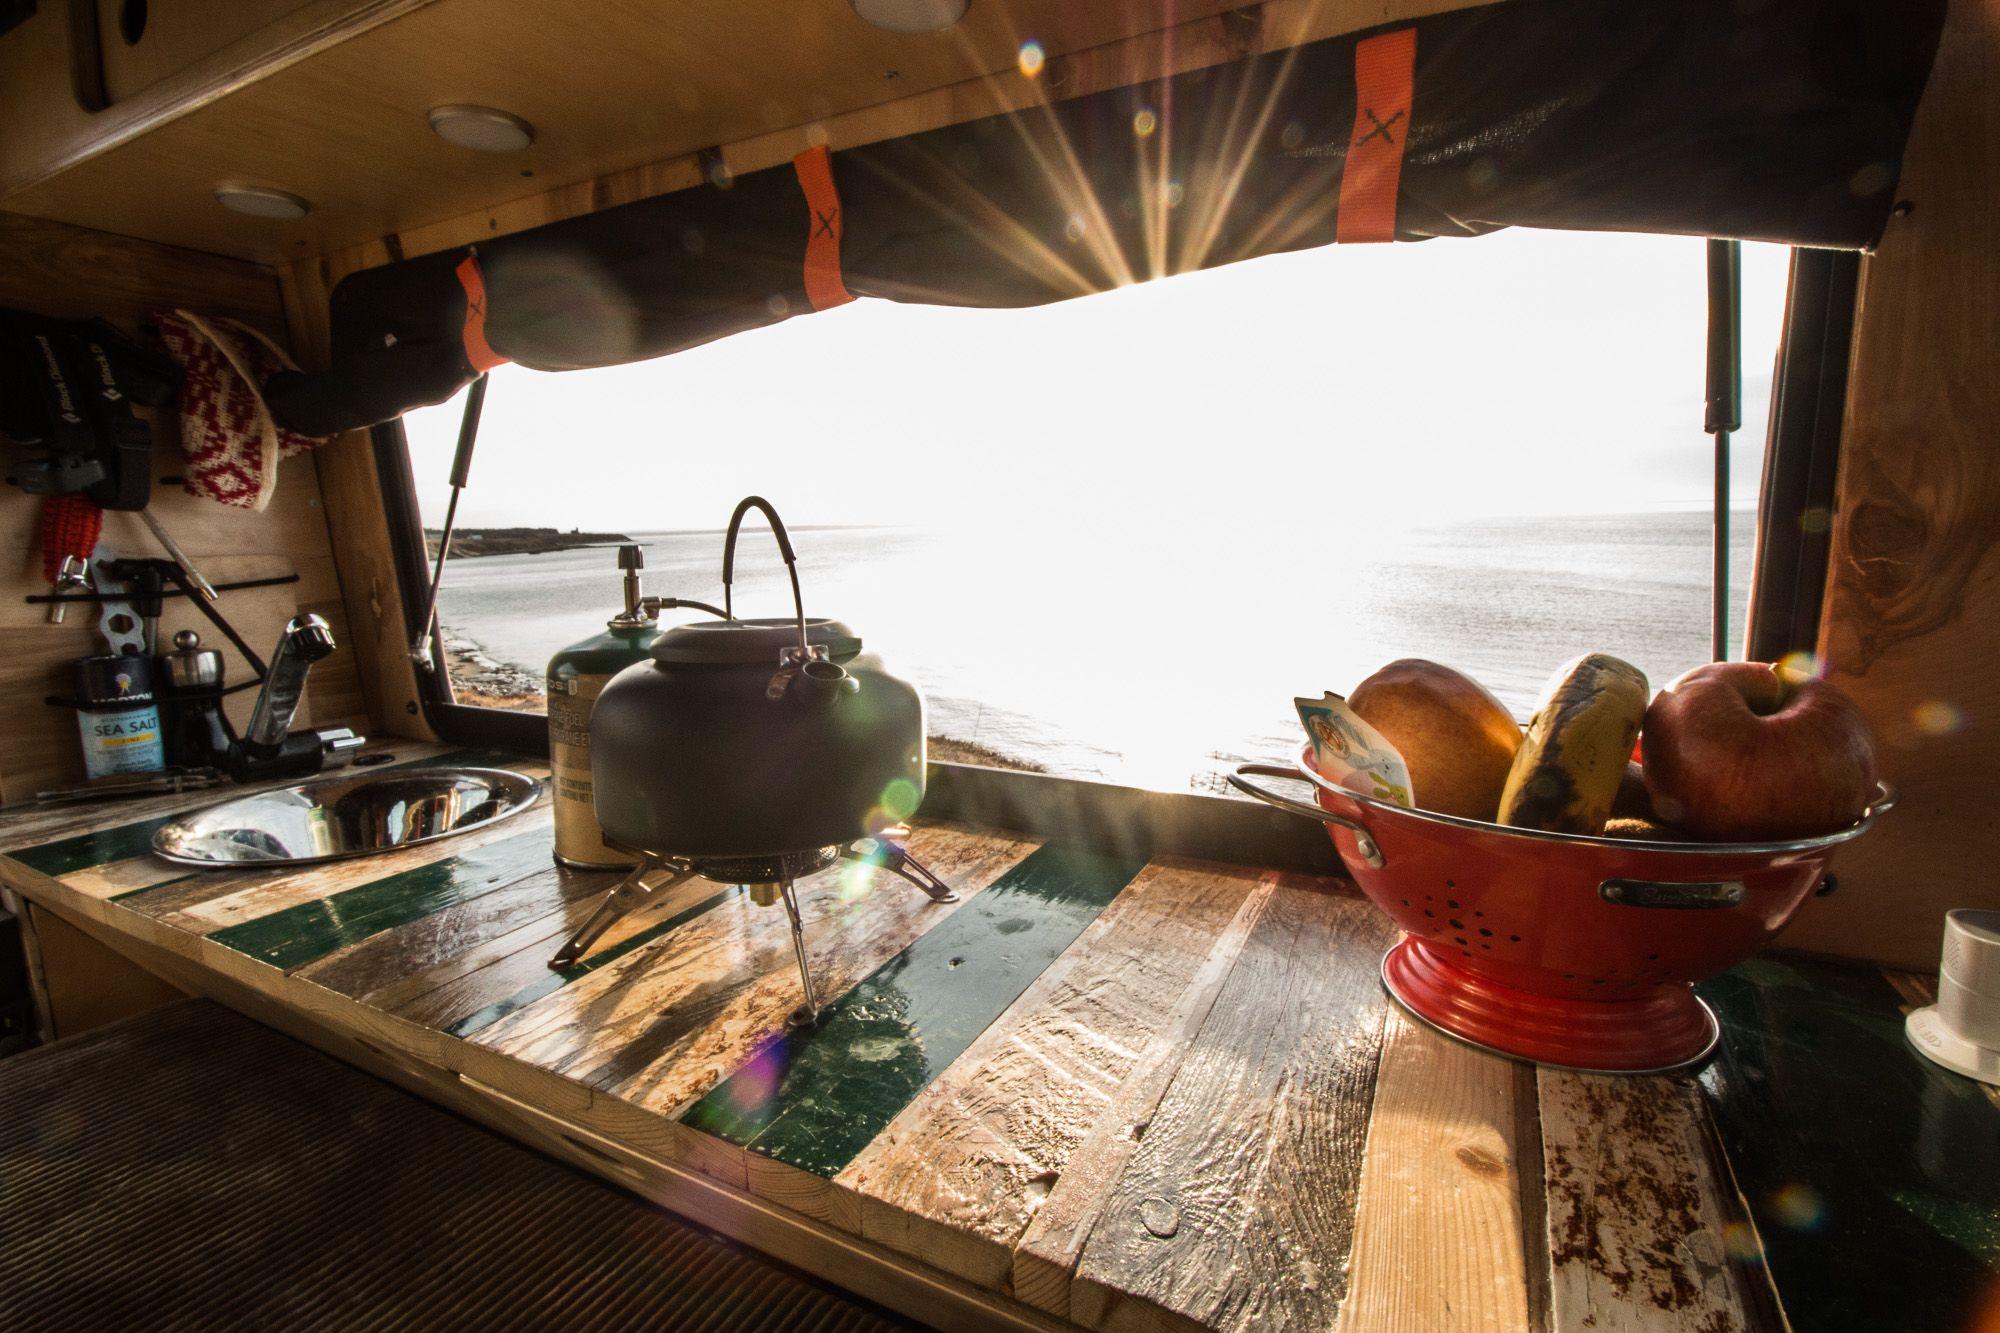 Wohnmobil küchenblock ~ Camper innenausbau küche interior camper ausbau defender 110